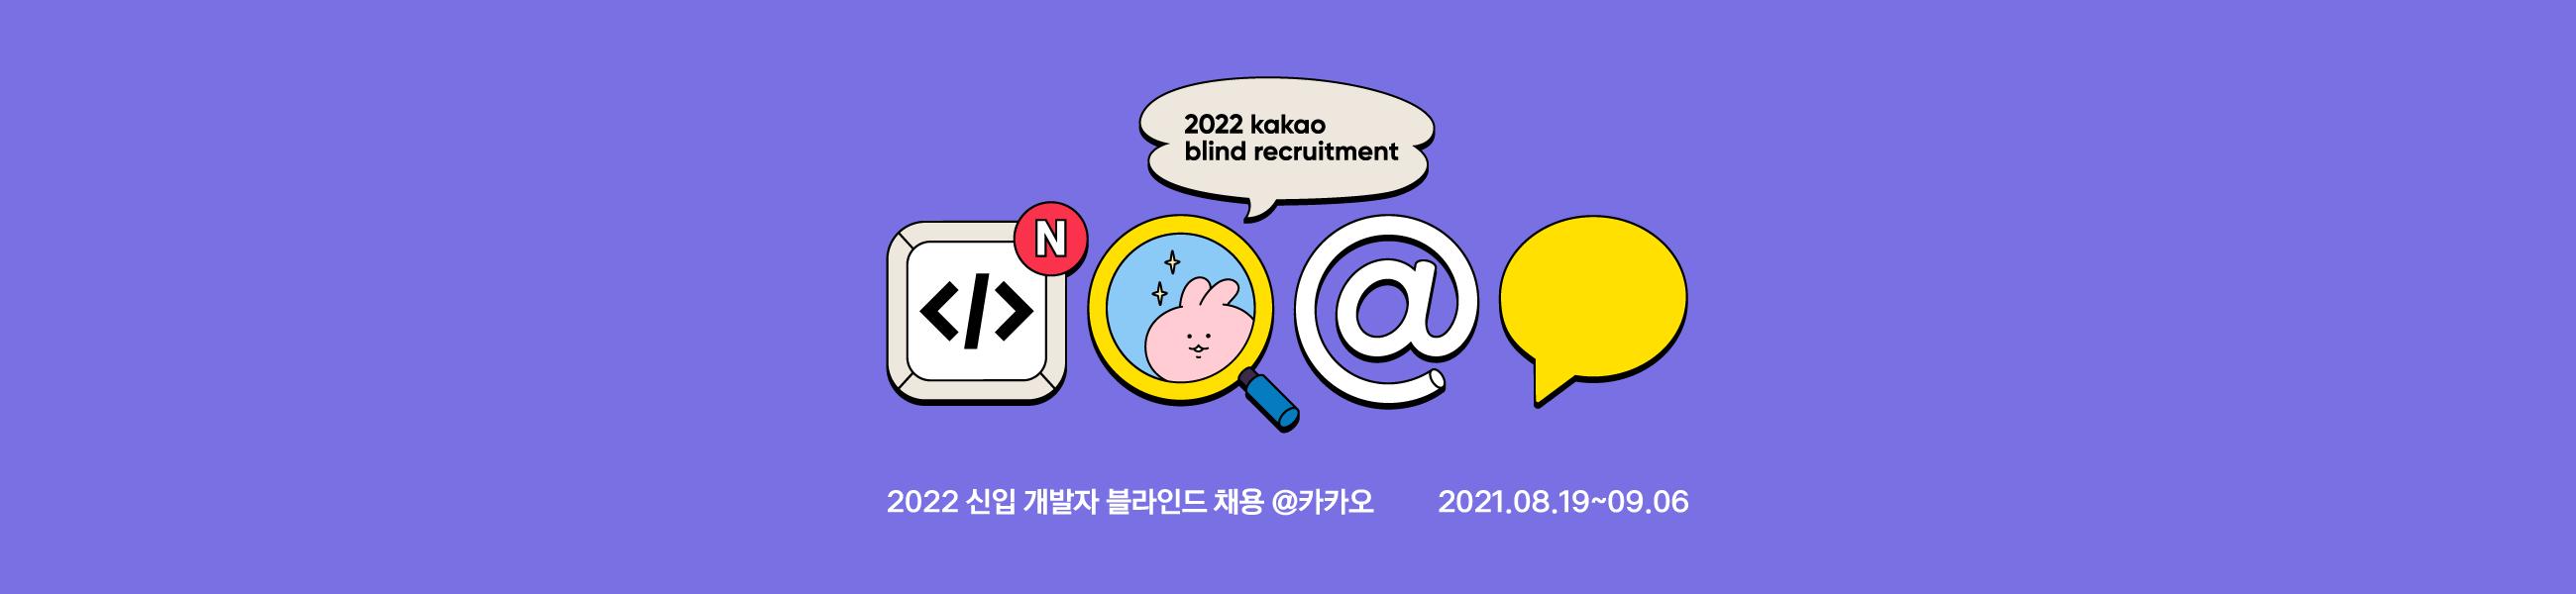 2022 KAKAO BLIND RECRUITMENT의 이미지